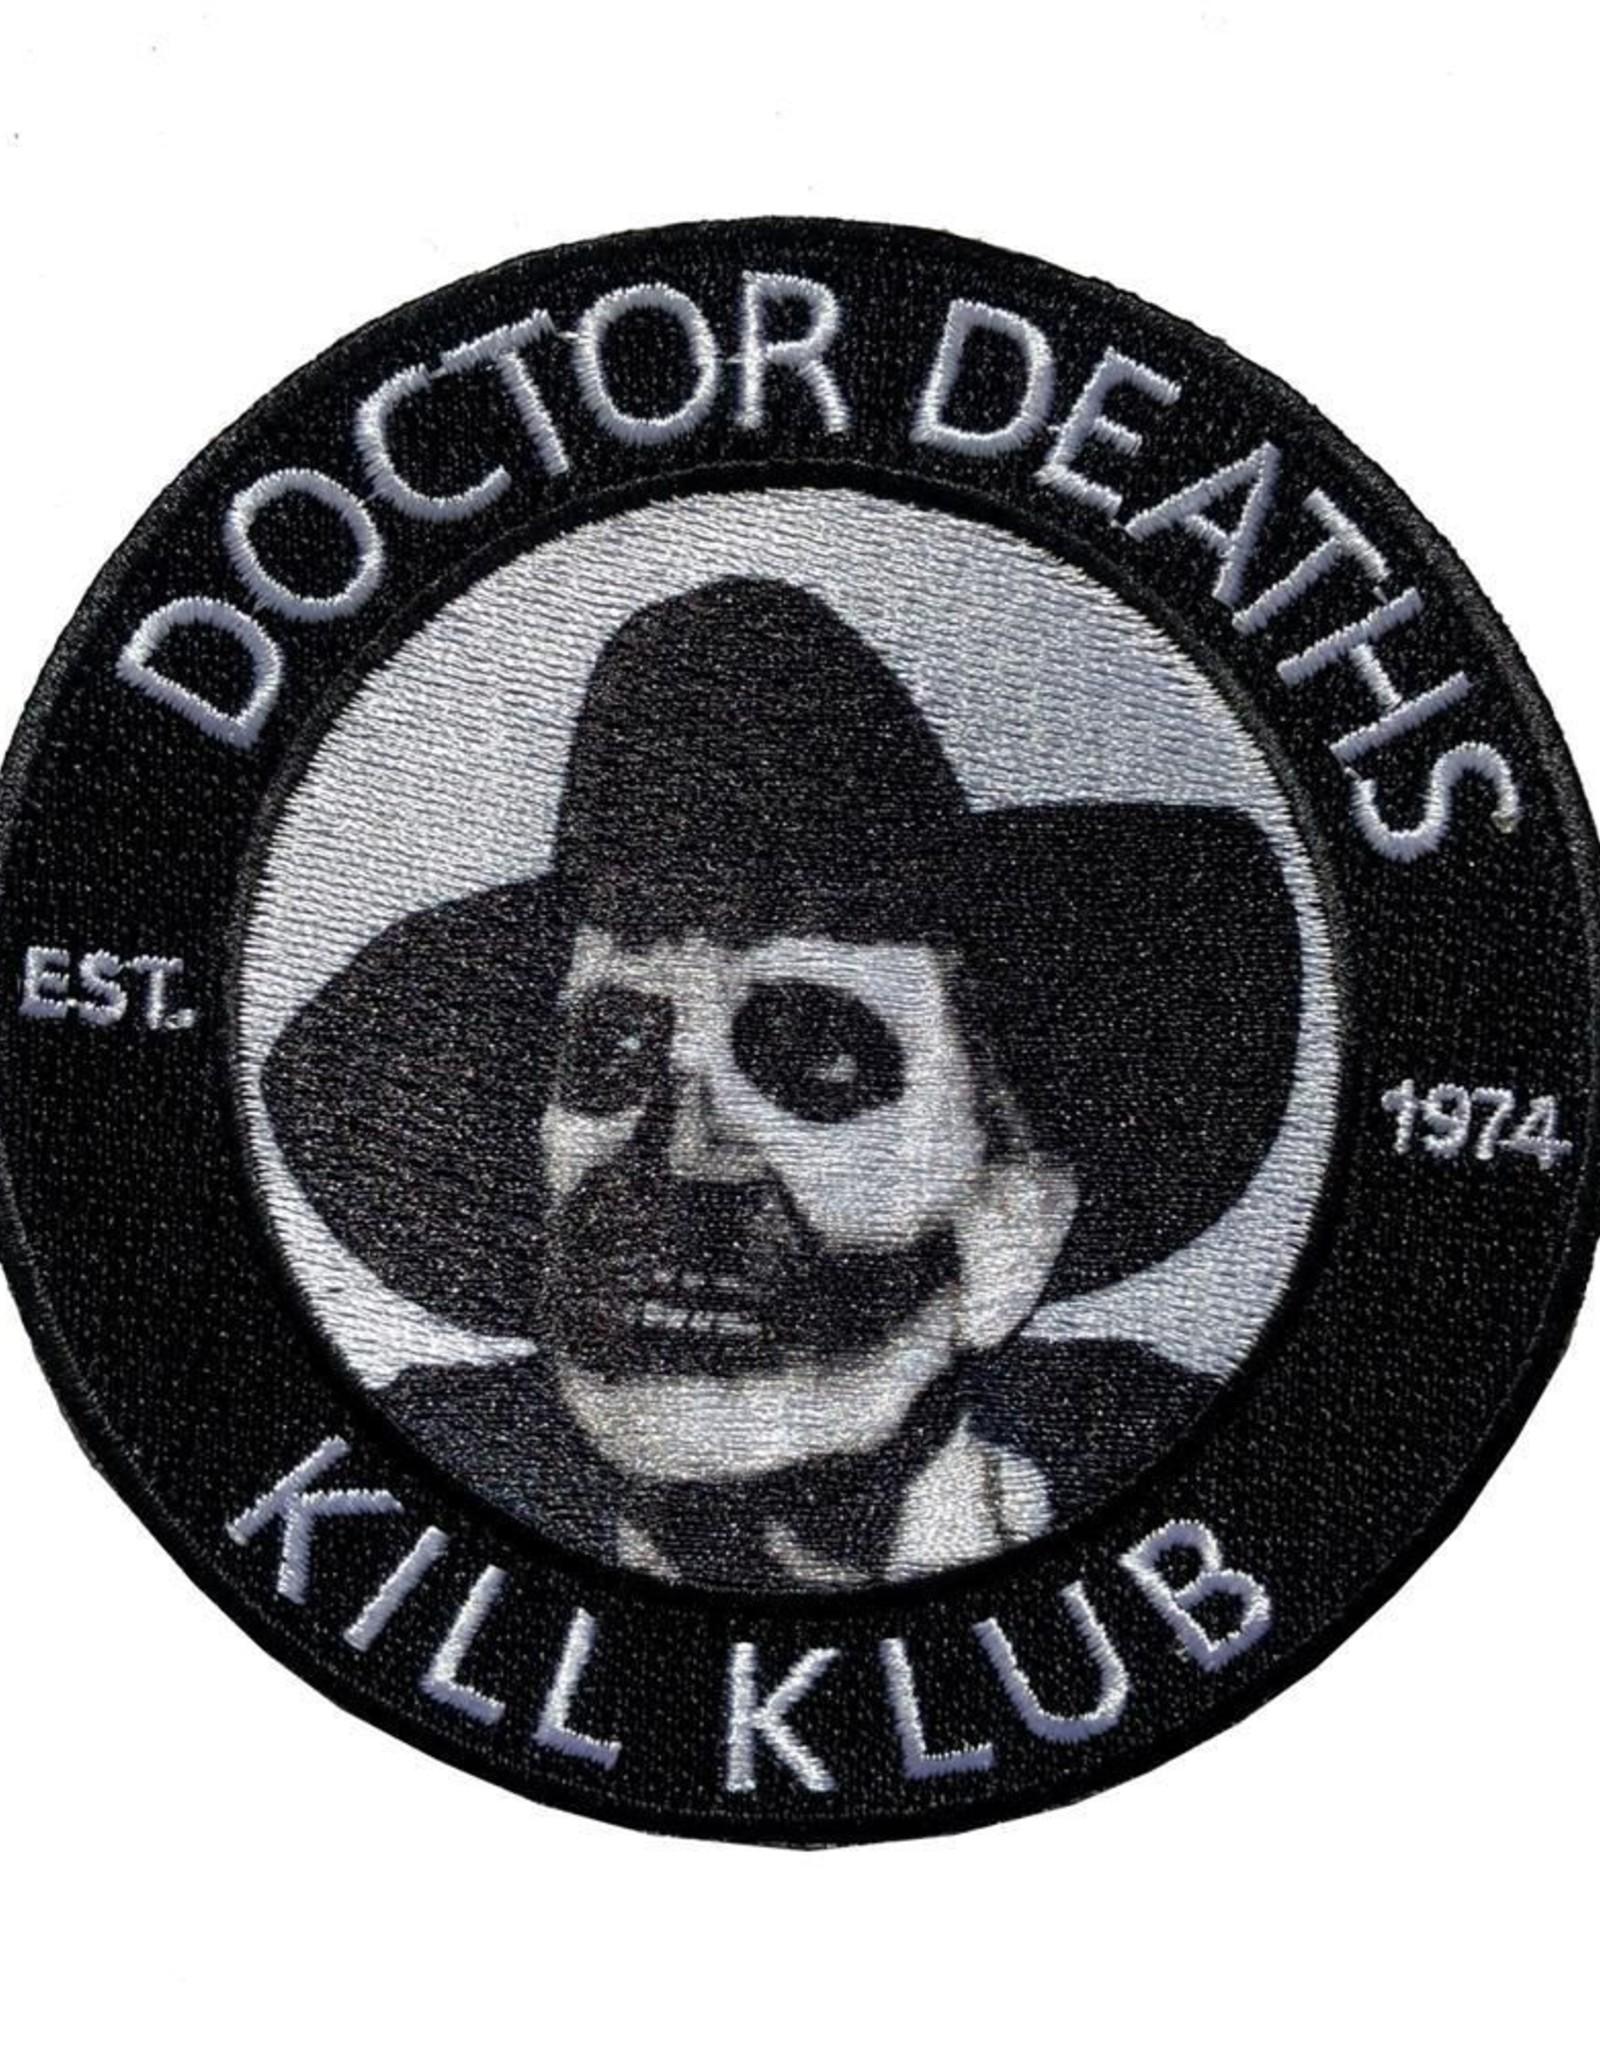 Vincent Price Dr. Death Patch